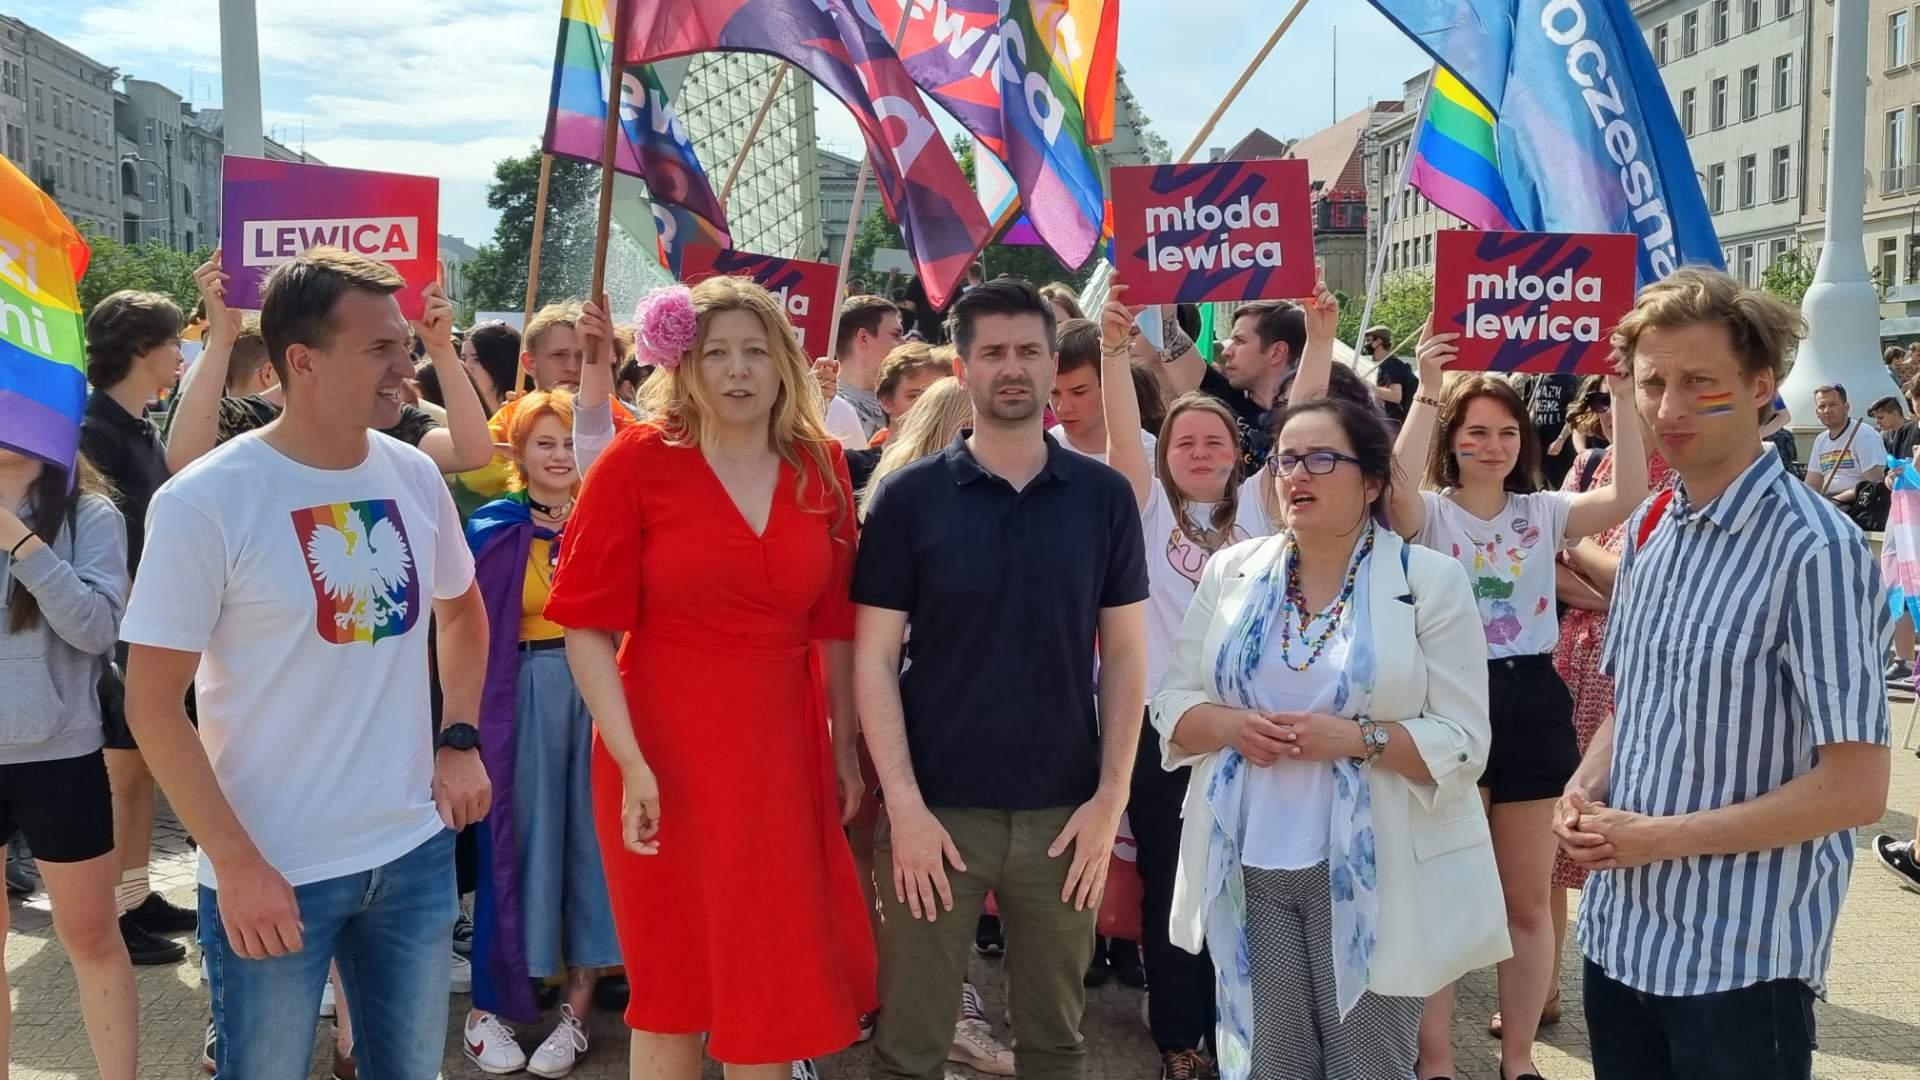 marsz równości - Magdalena Konieczna - Radio Poznań